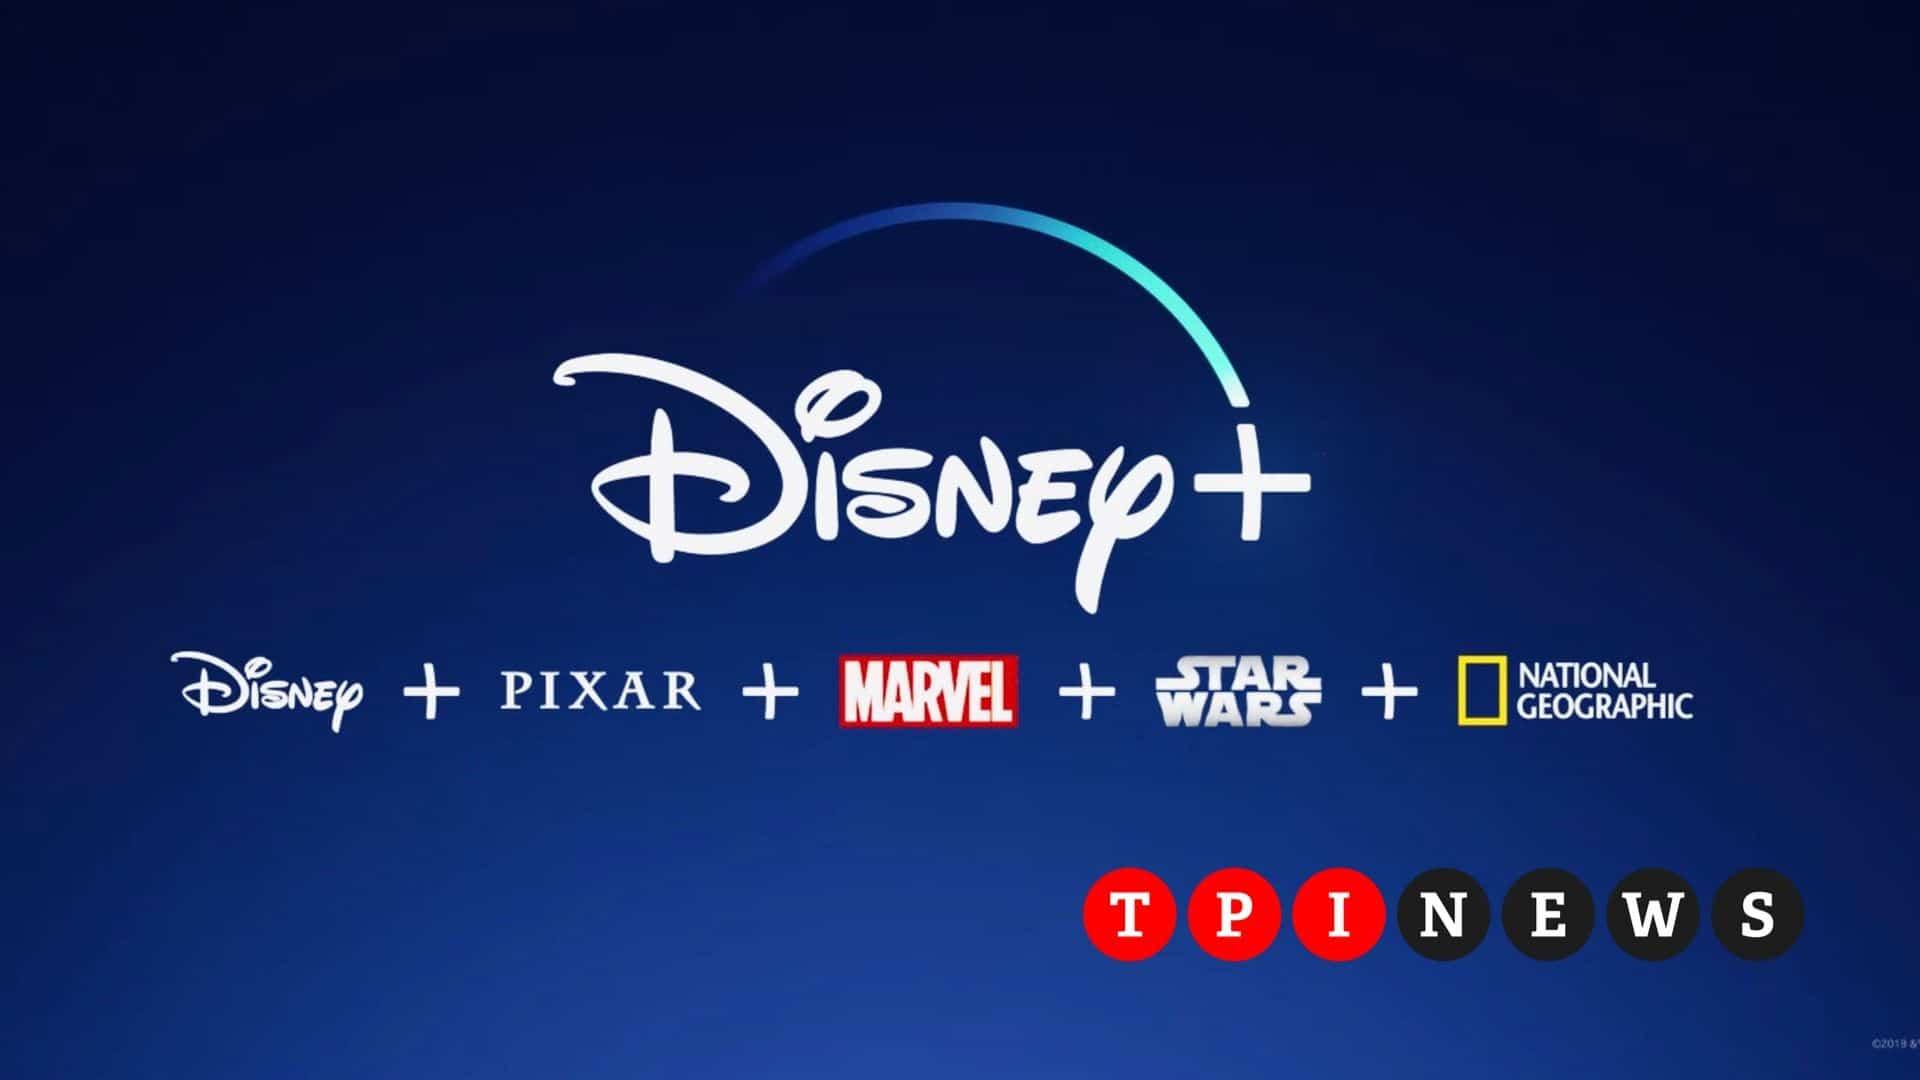 Disney L Elenco Dei Film Nel Catalogo Disponibili Dal 12 Novembre In Usa